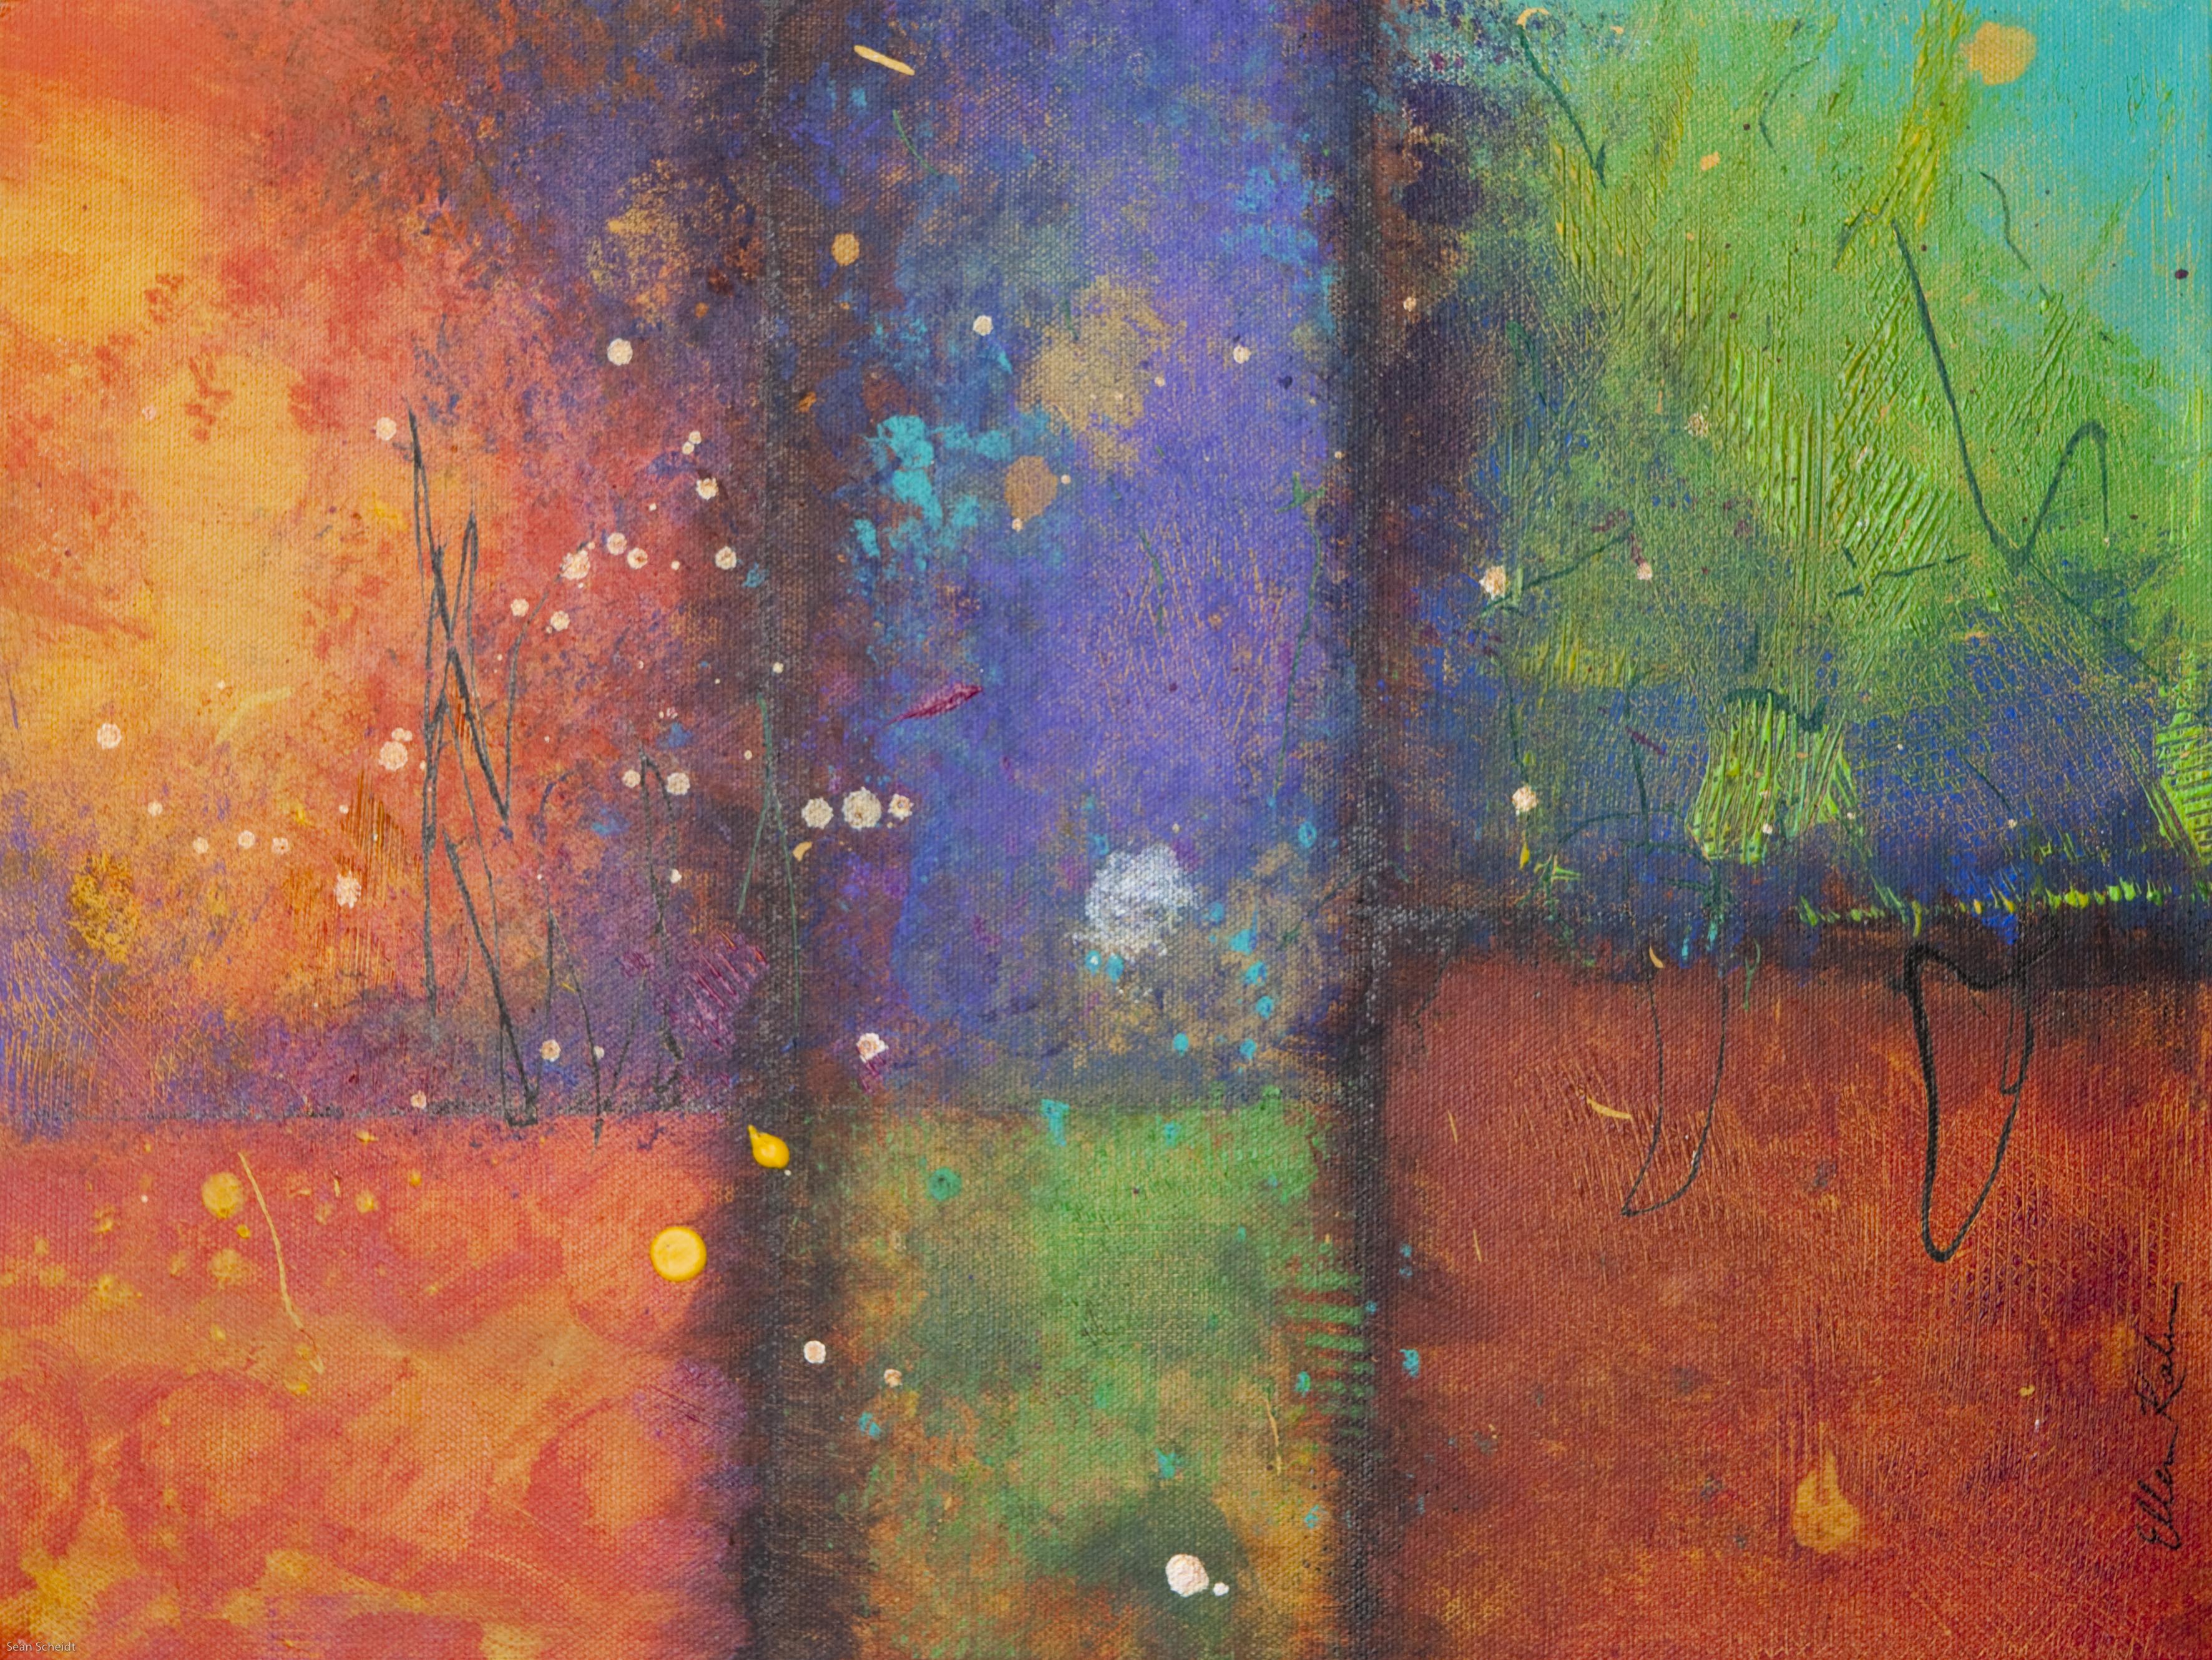 Bright Sidewalk - 16 x 12, $430